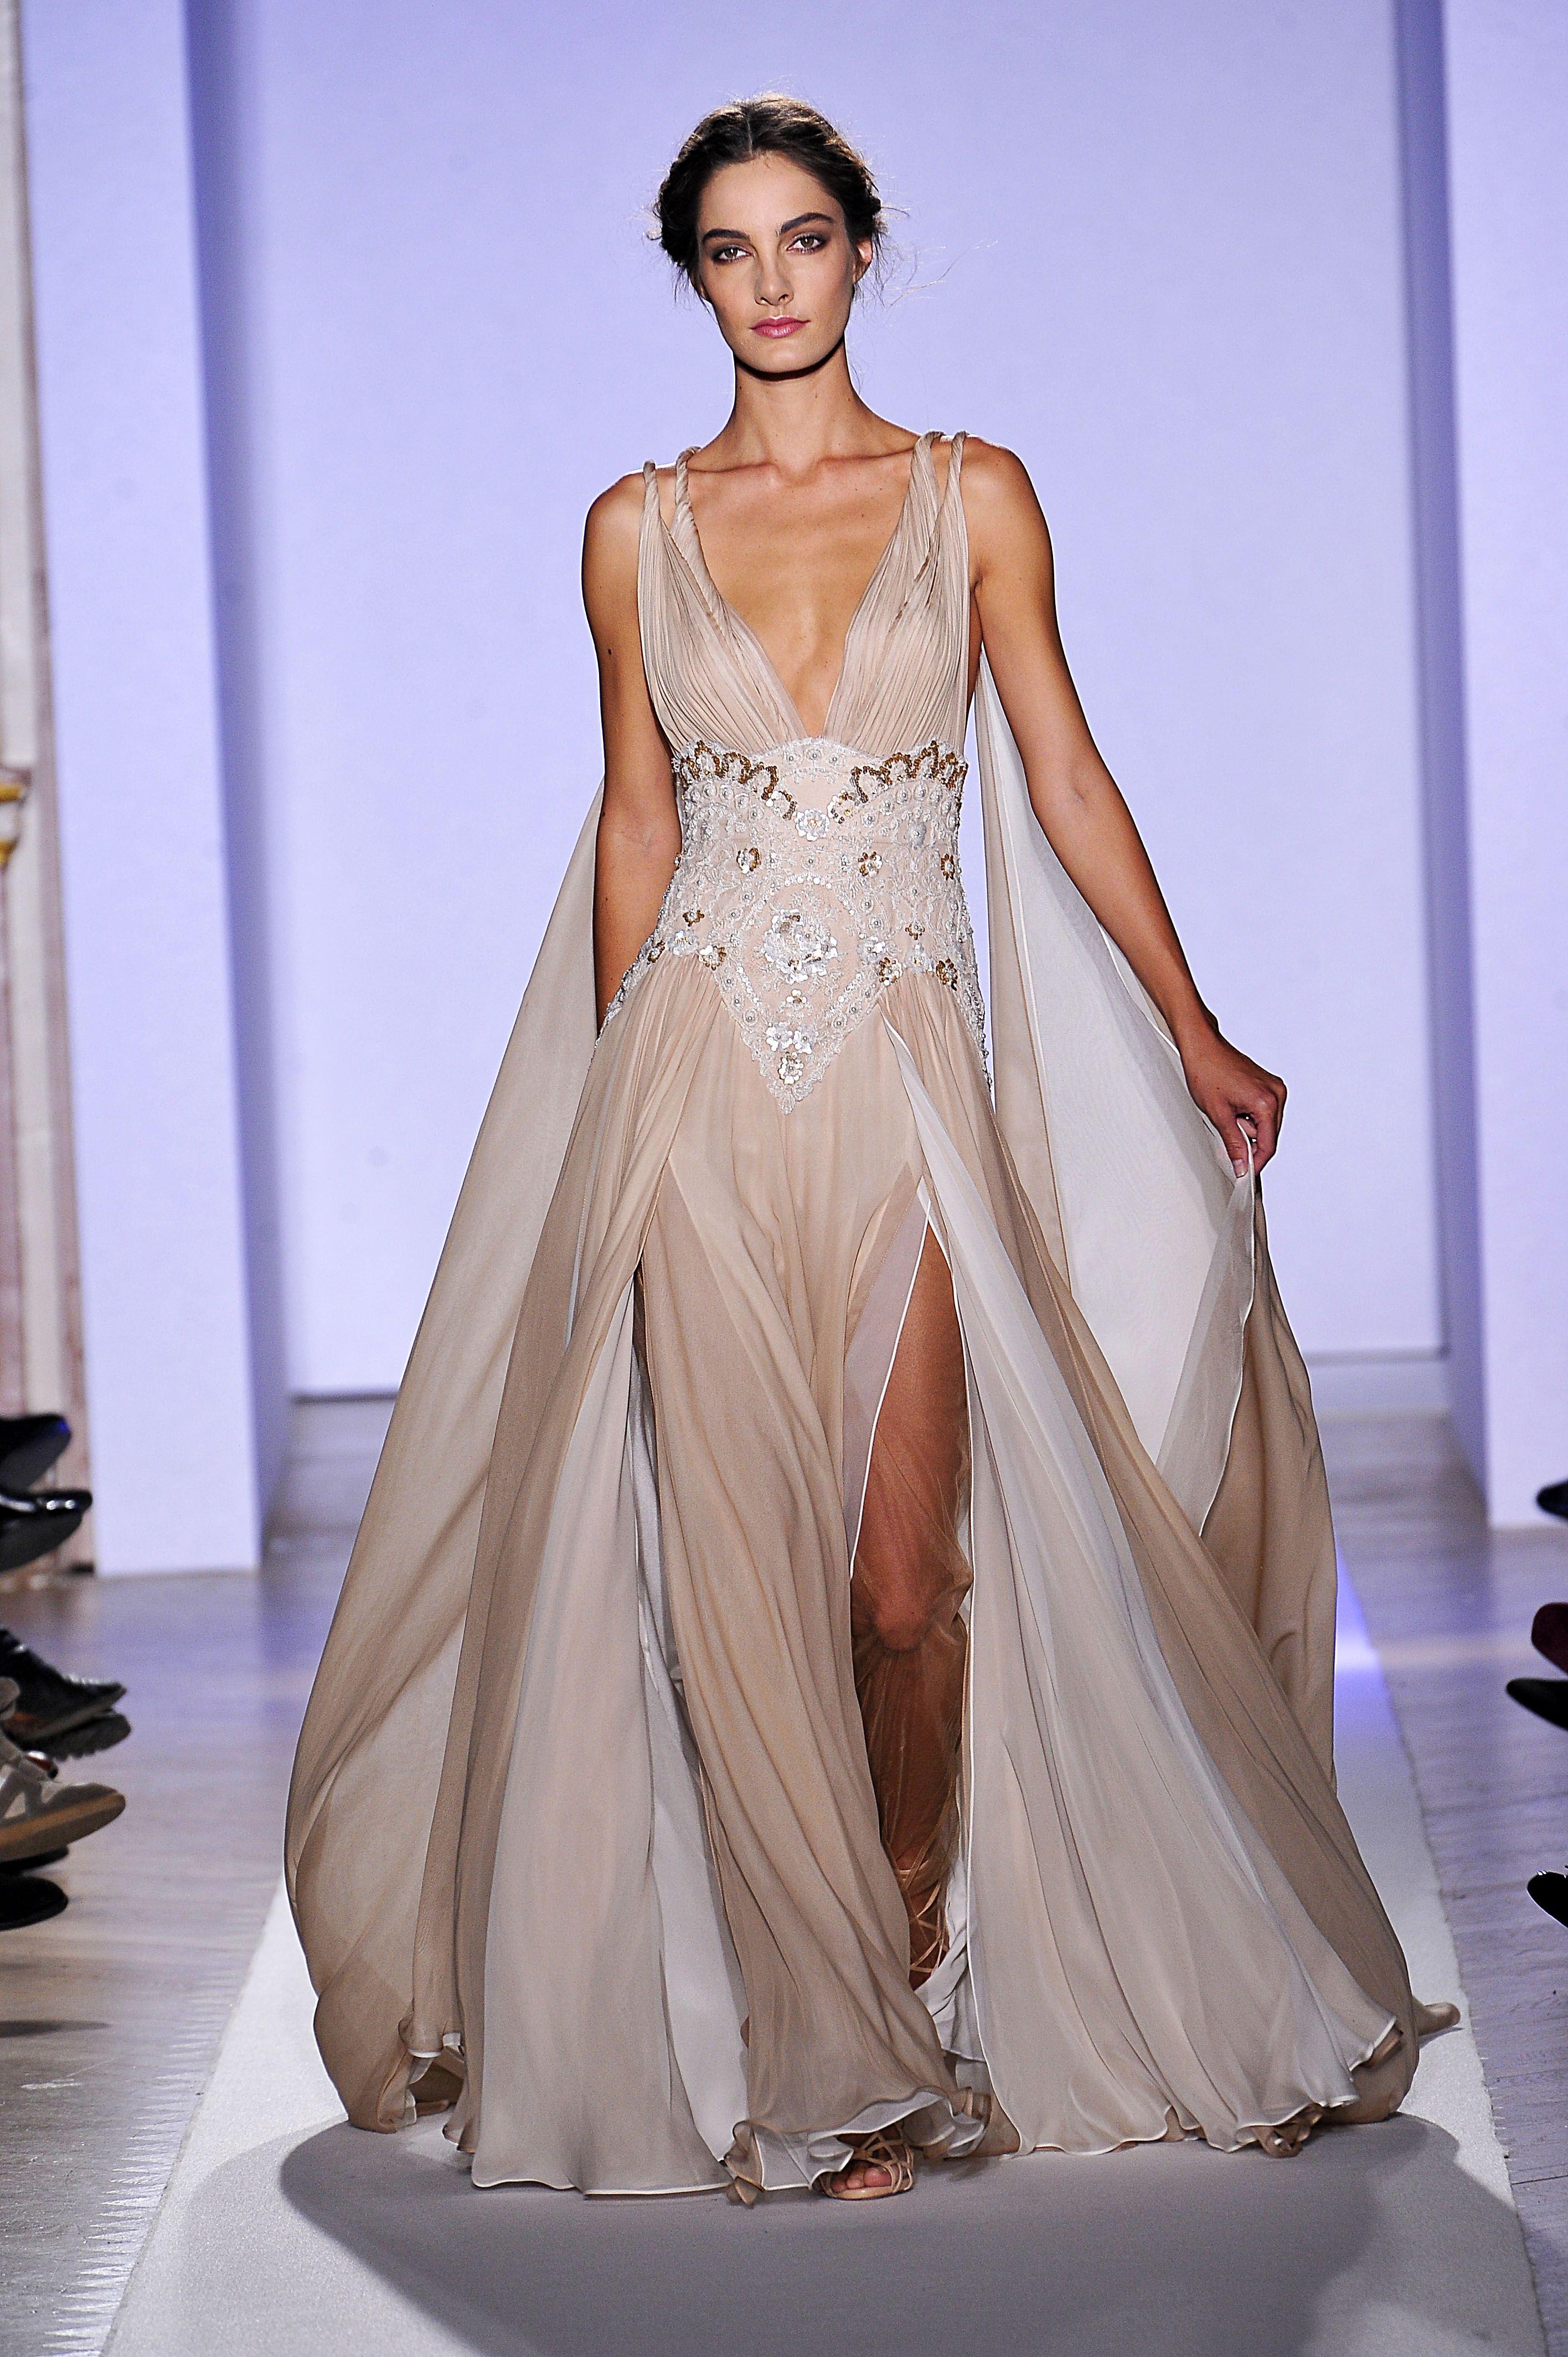 Zuhair murad altacostura primaveraverão zuhair murad gowns